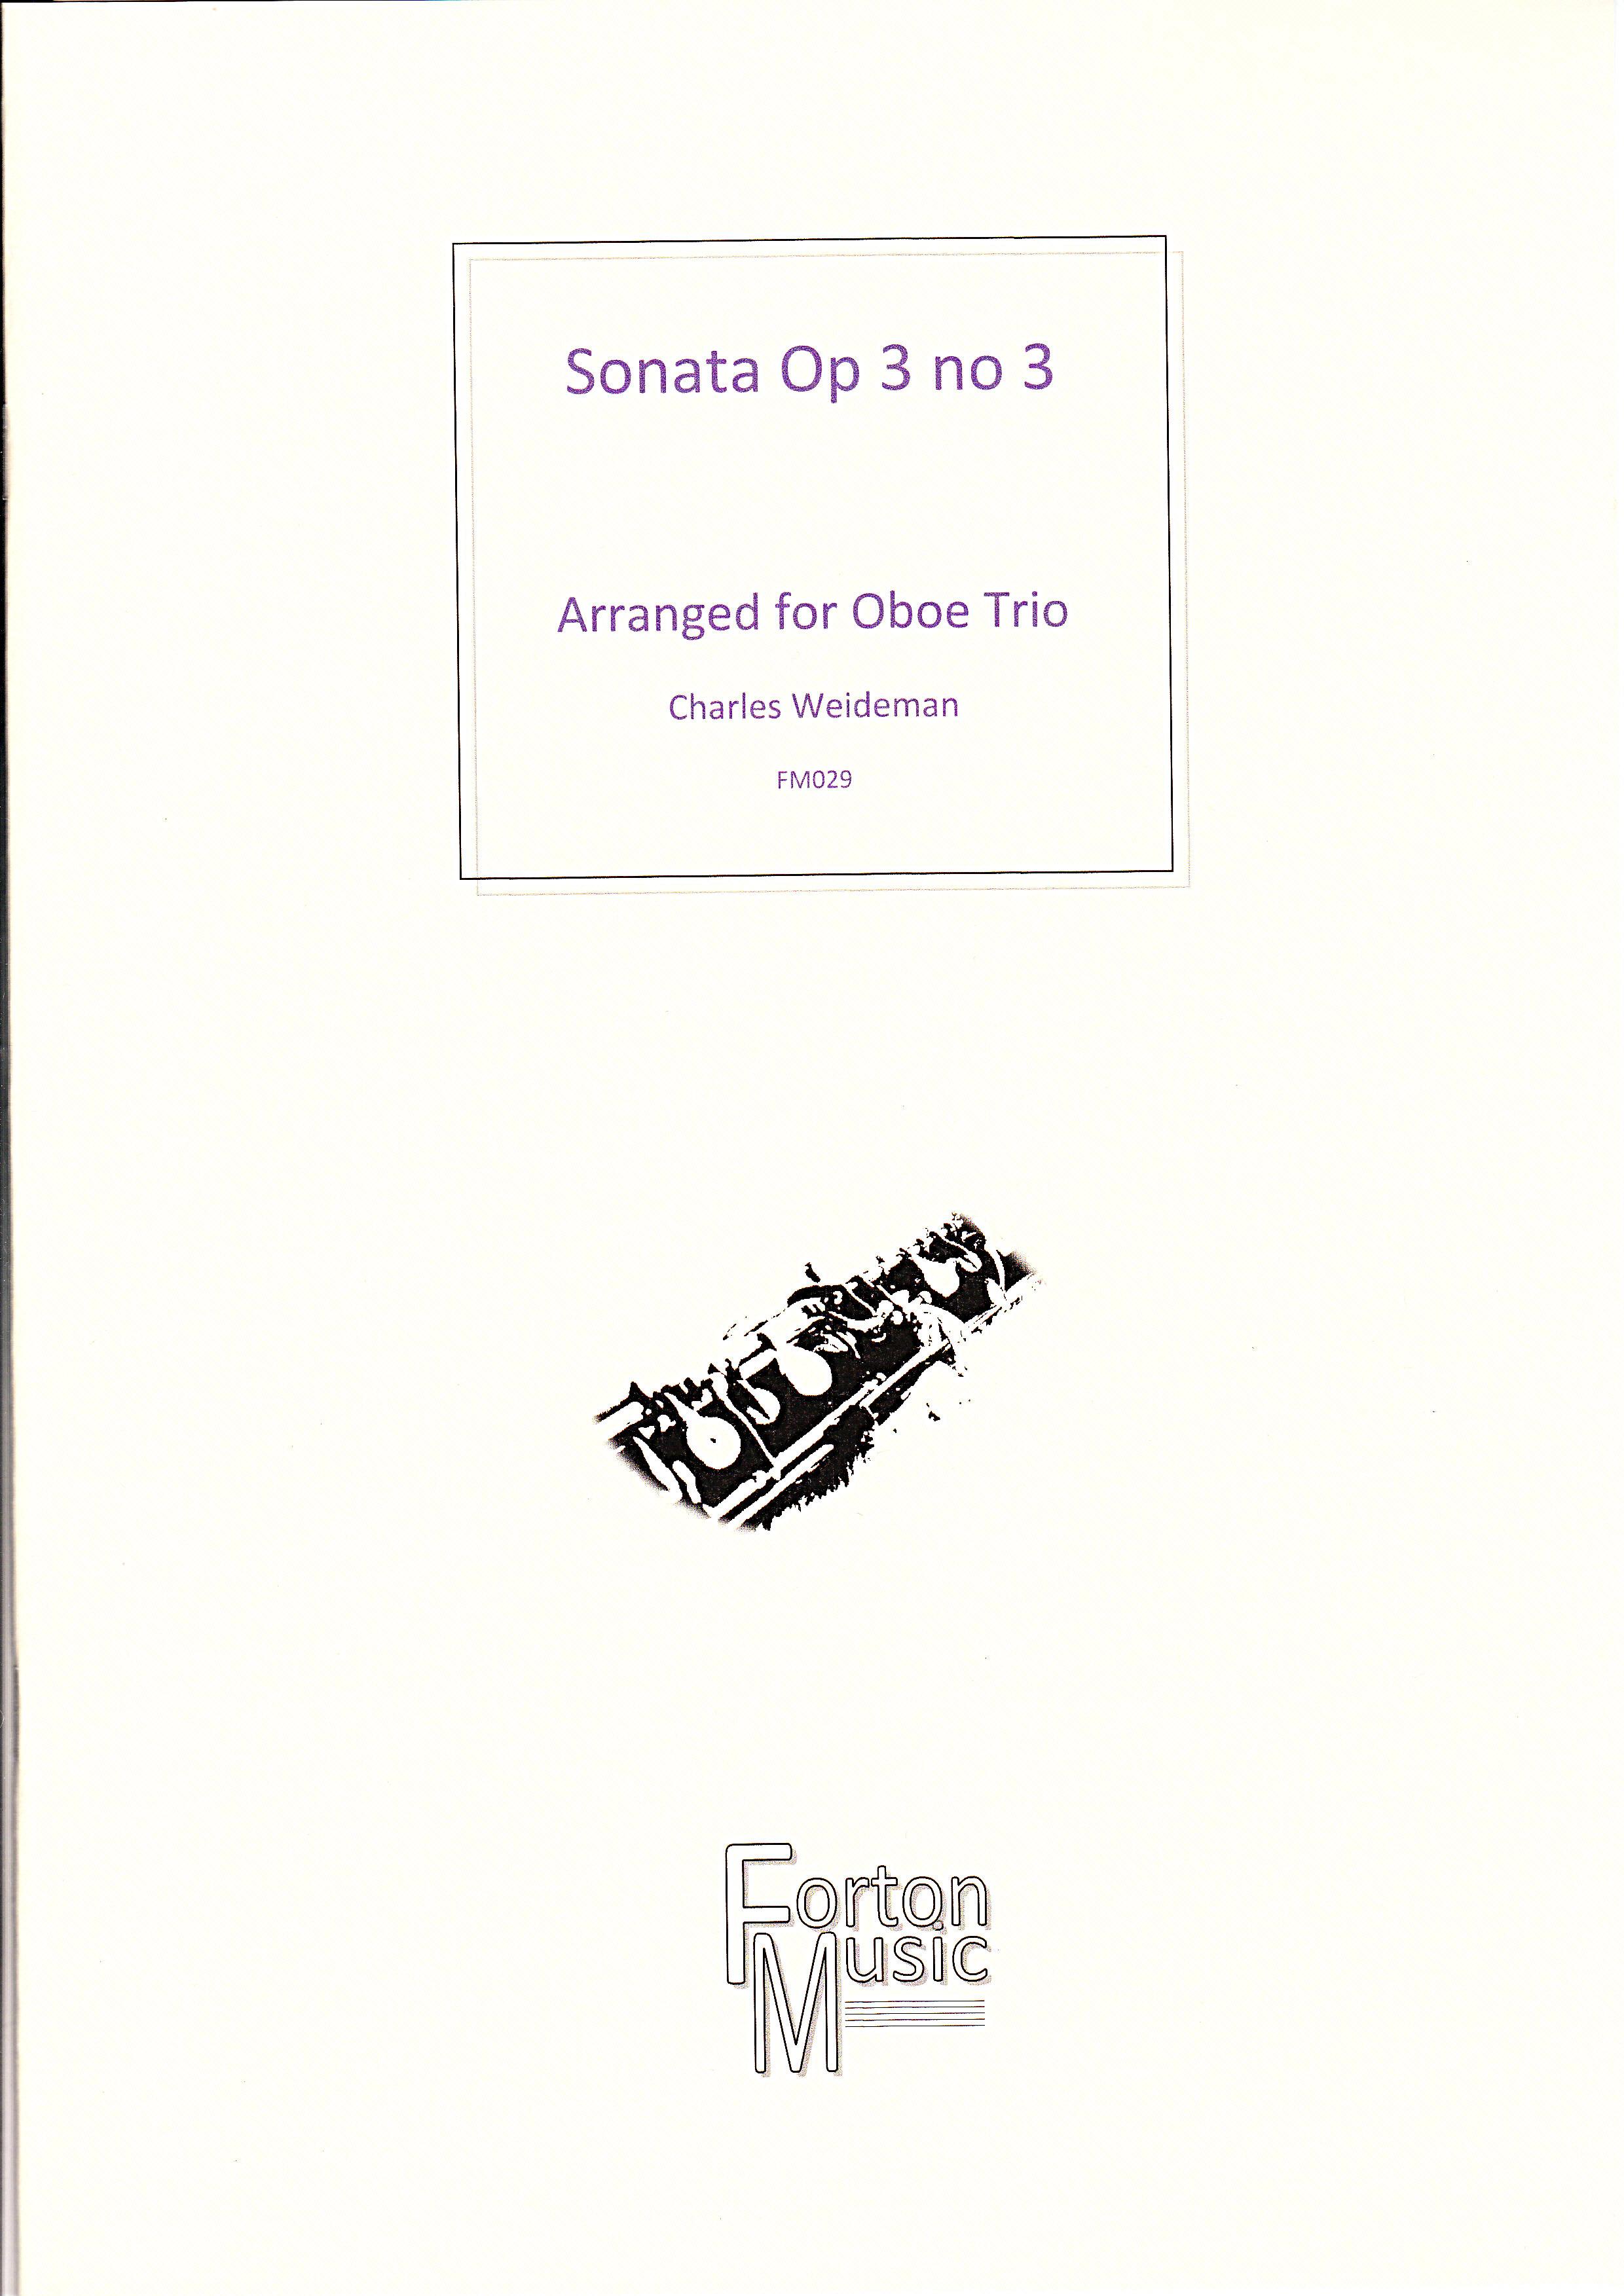 SONATA Op.3 No.3